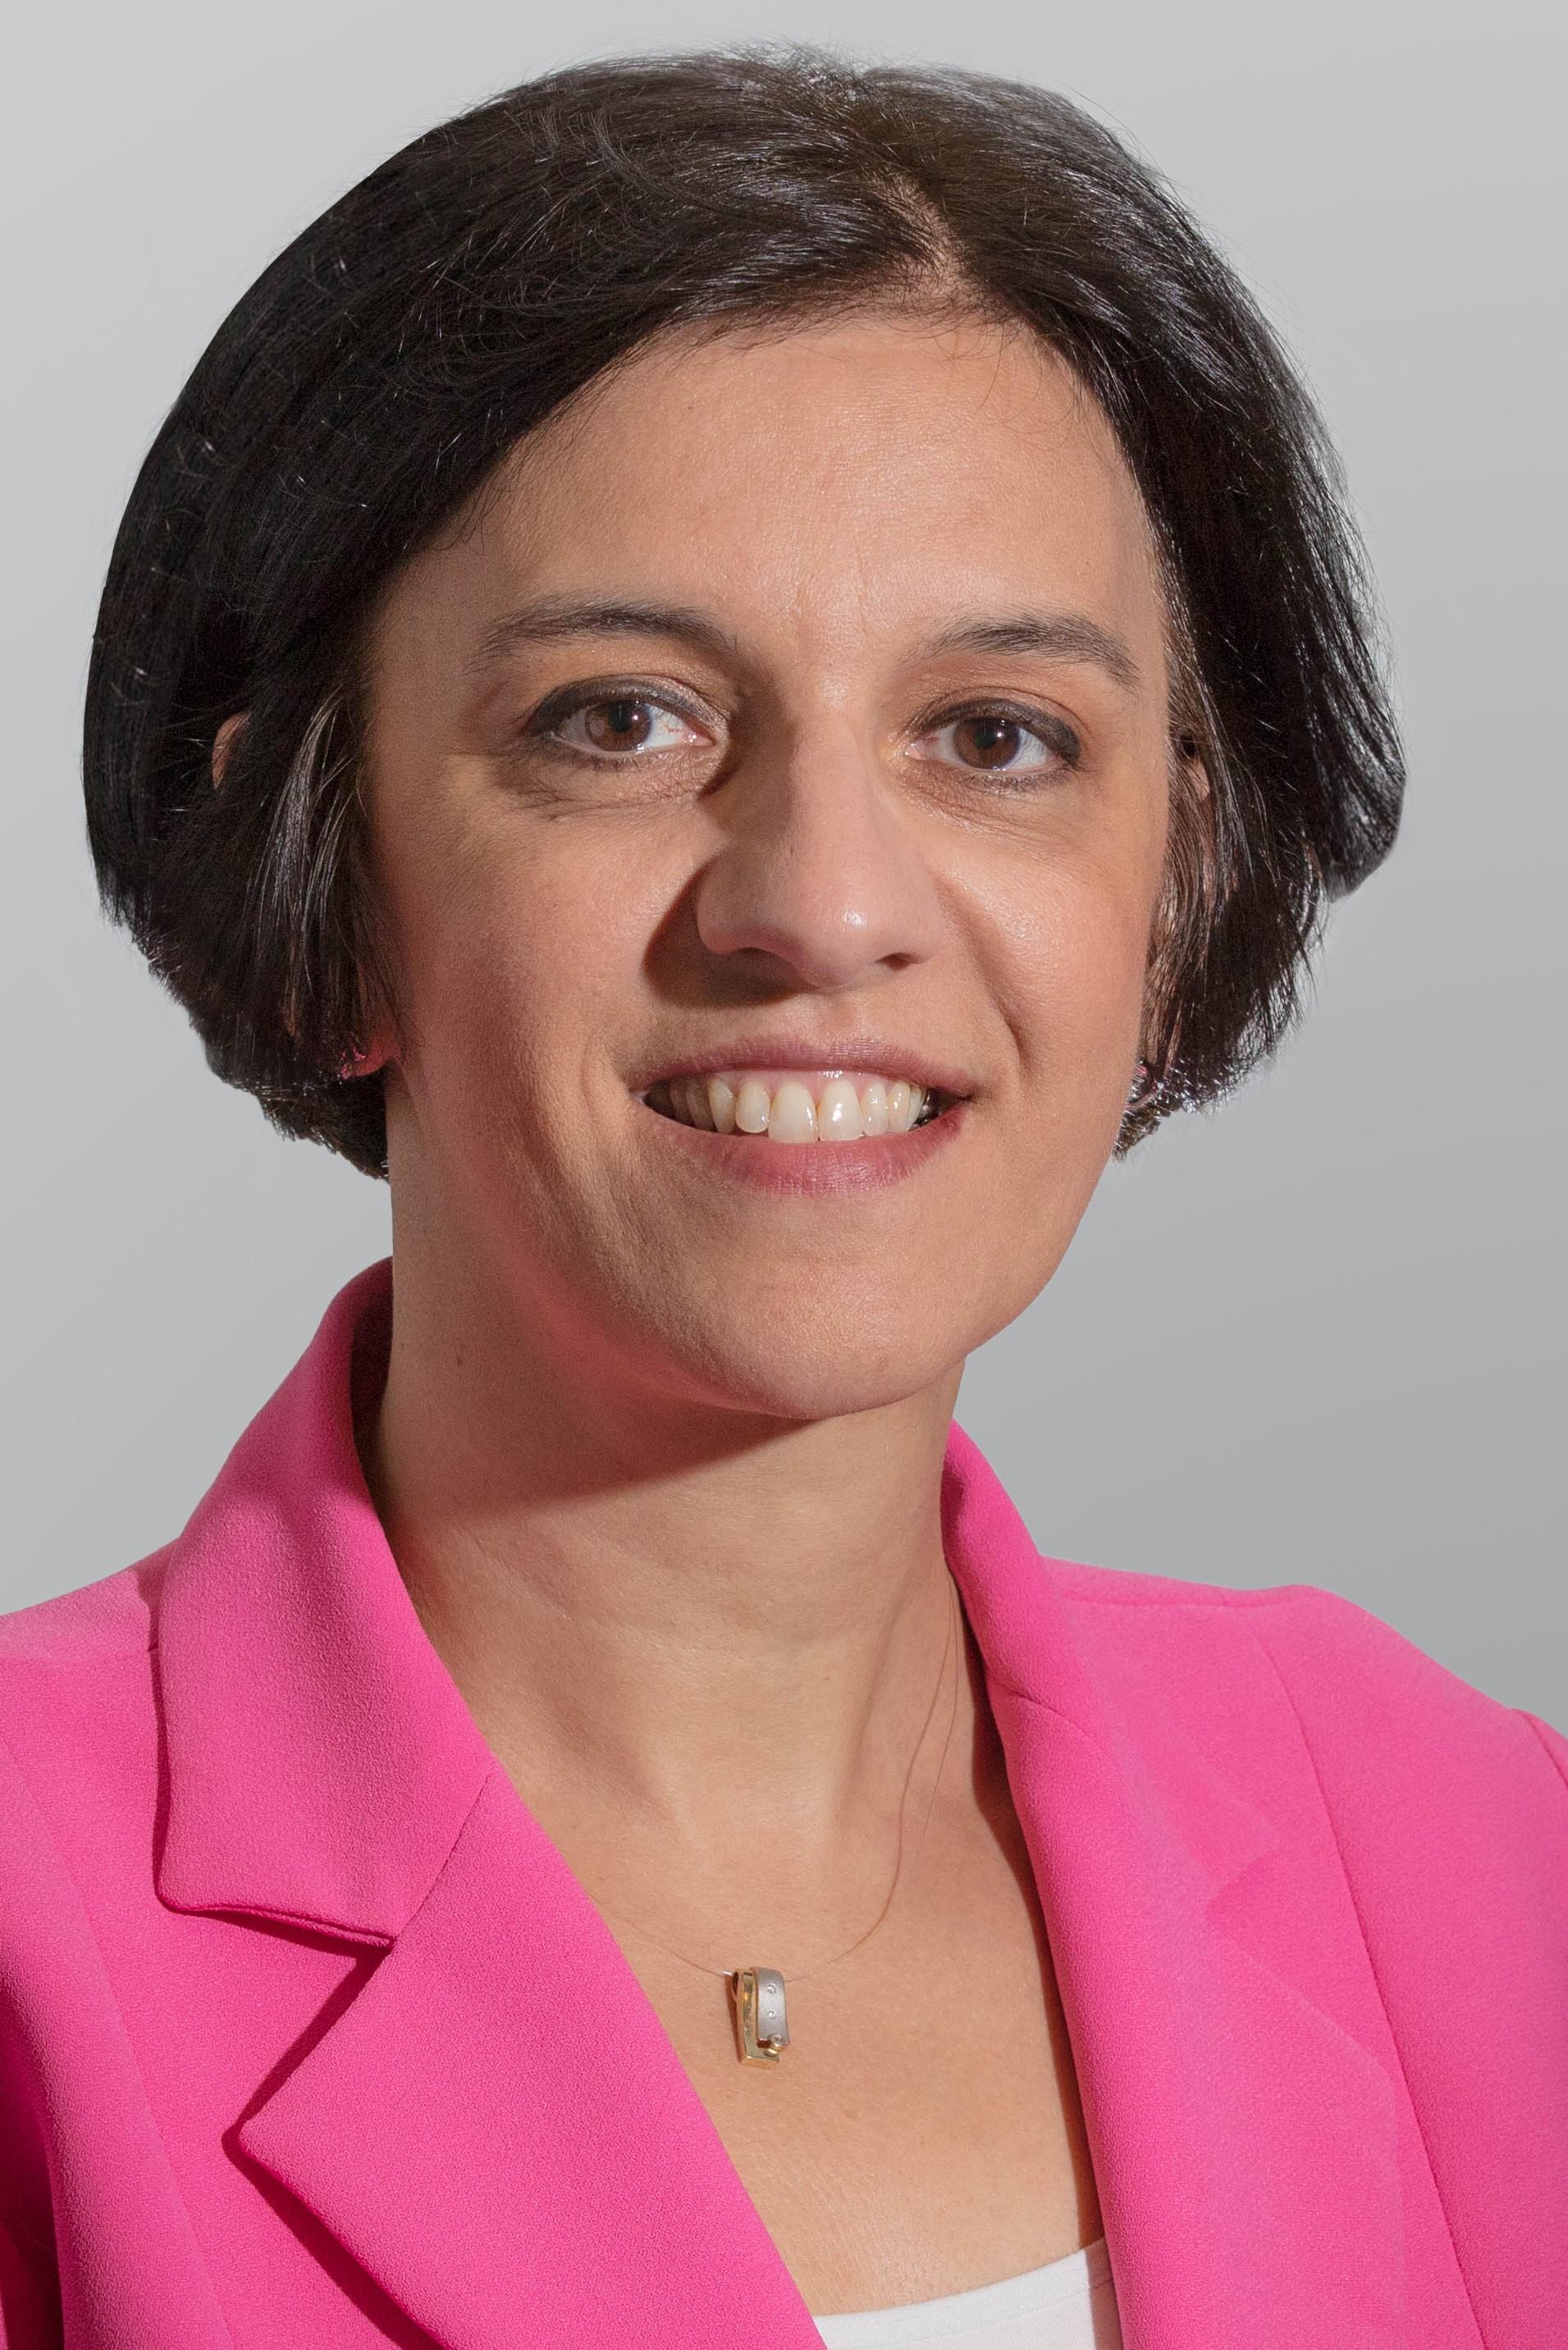 Eleni Giakoumopoulos